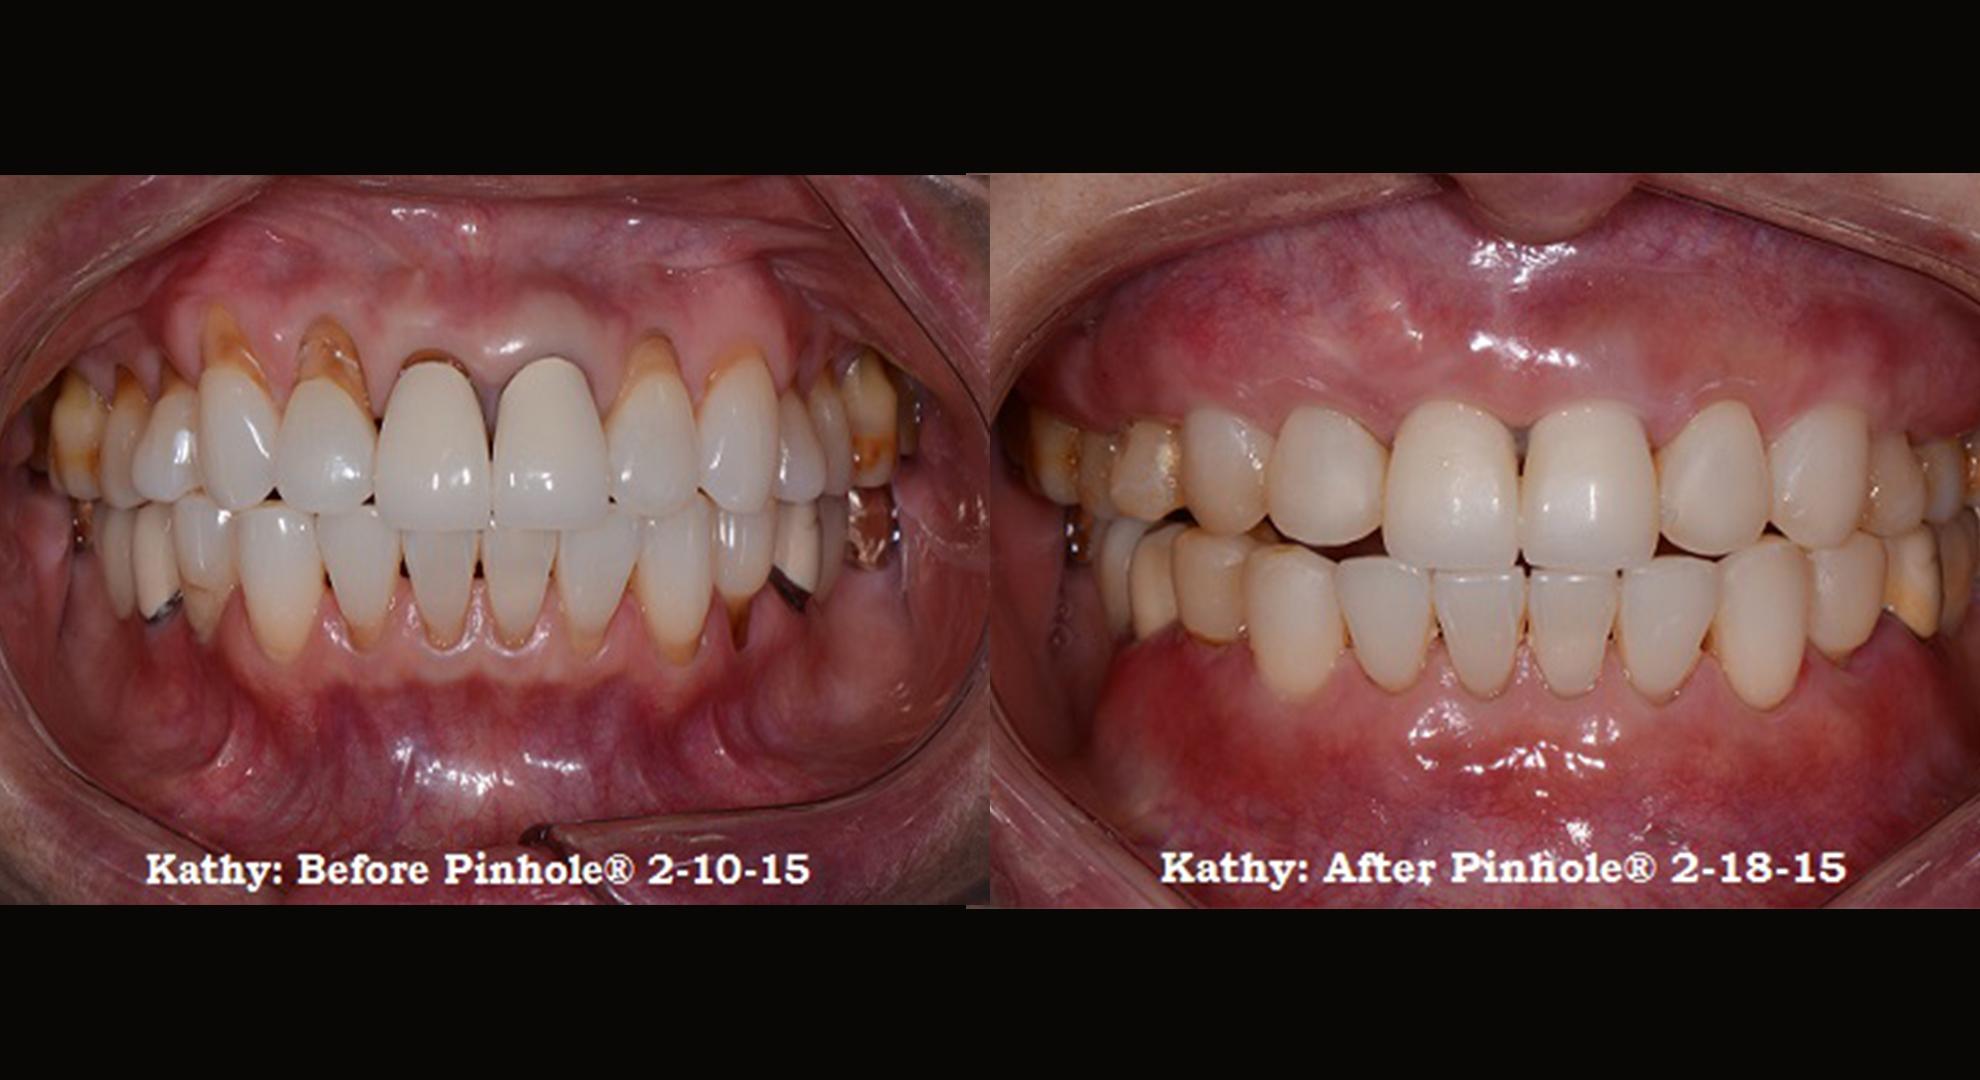 Pinhole Technique Gum Disease Treatment Forest Hills Ny